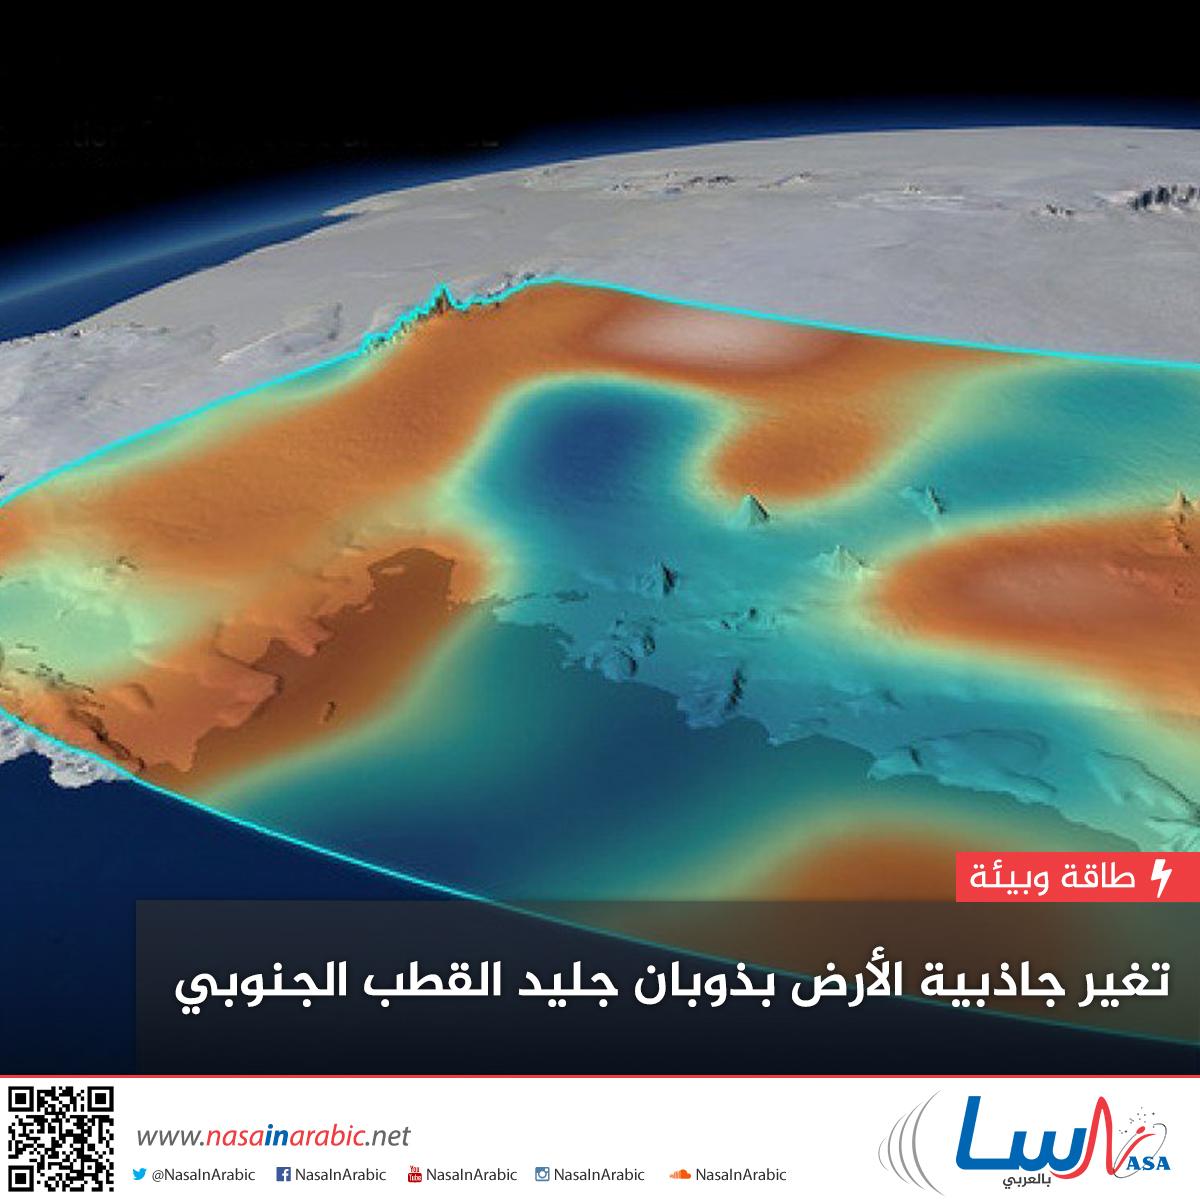 تغير جاذبية الأرض بذوبان جليد القطب الجنوبي